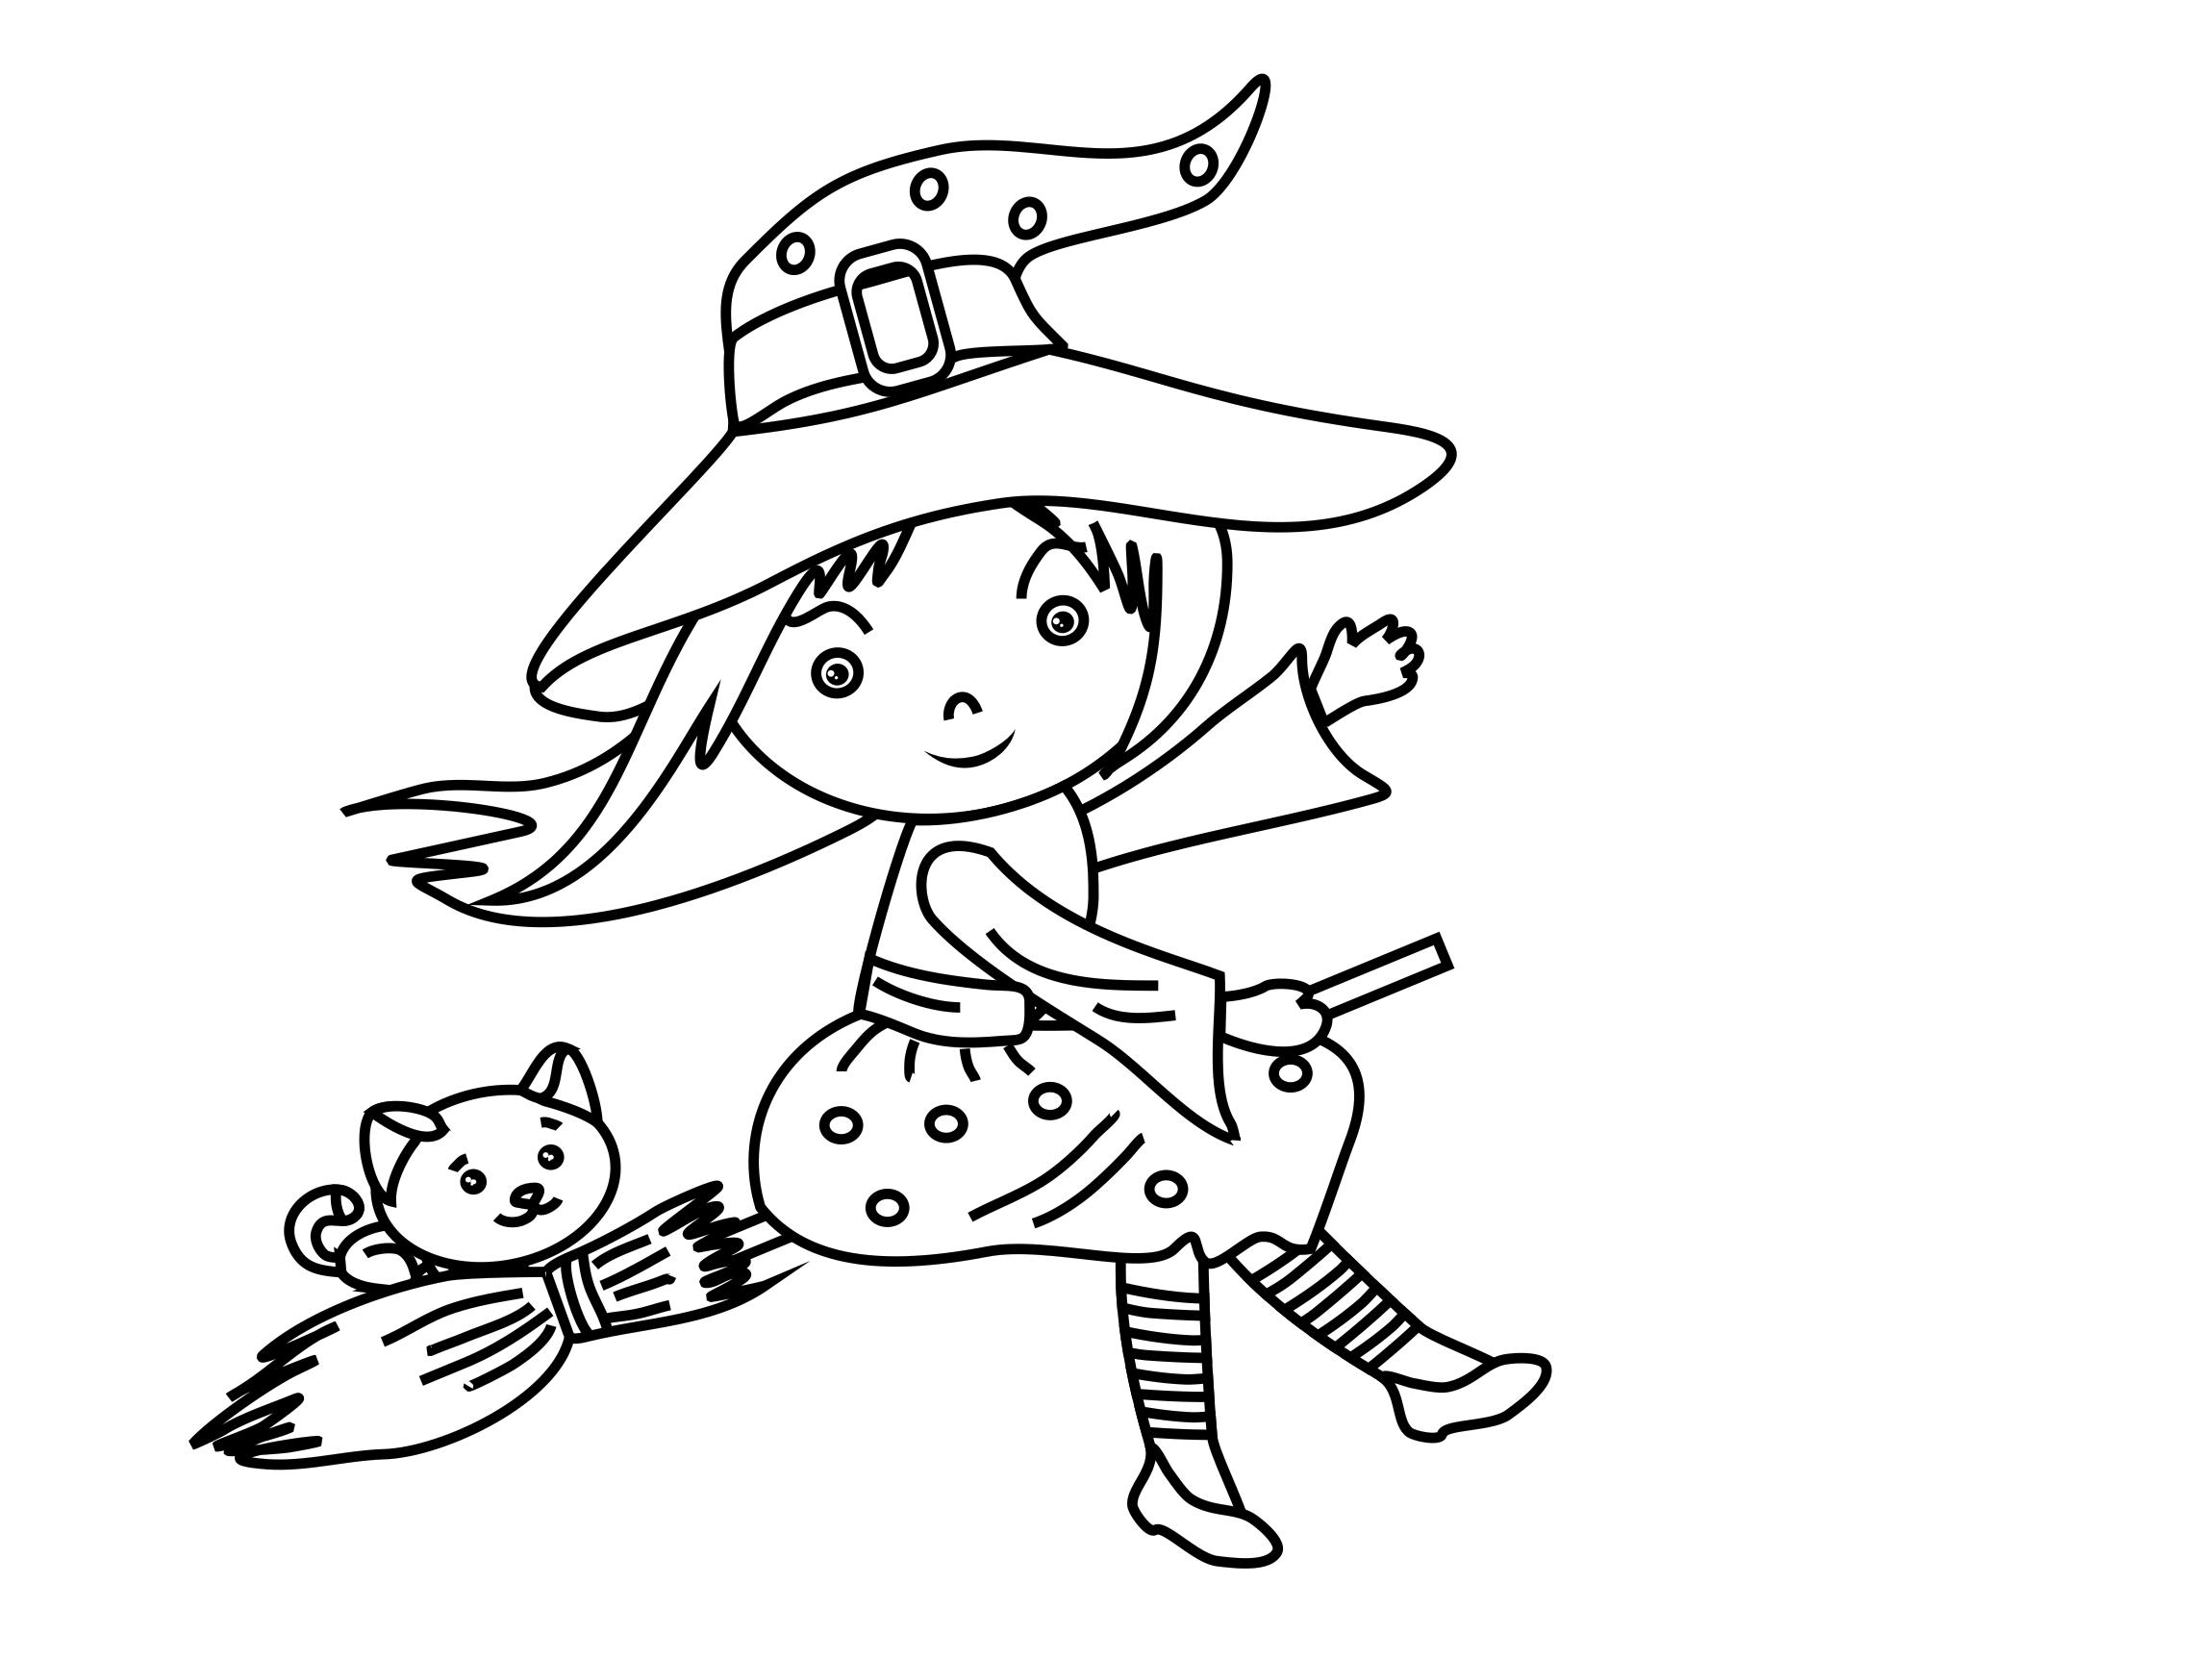 Neu Hexen Ausmalbilder Malvorlagen Malvorlagenfurkinder Malvorlagenfurerwachsene Malvorlagen Ausmalbilder Halloween Ausmalbilder